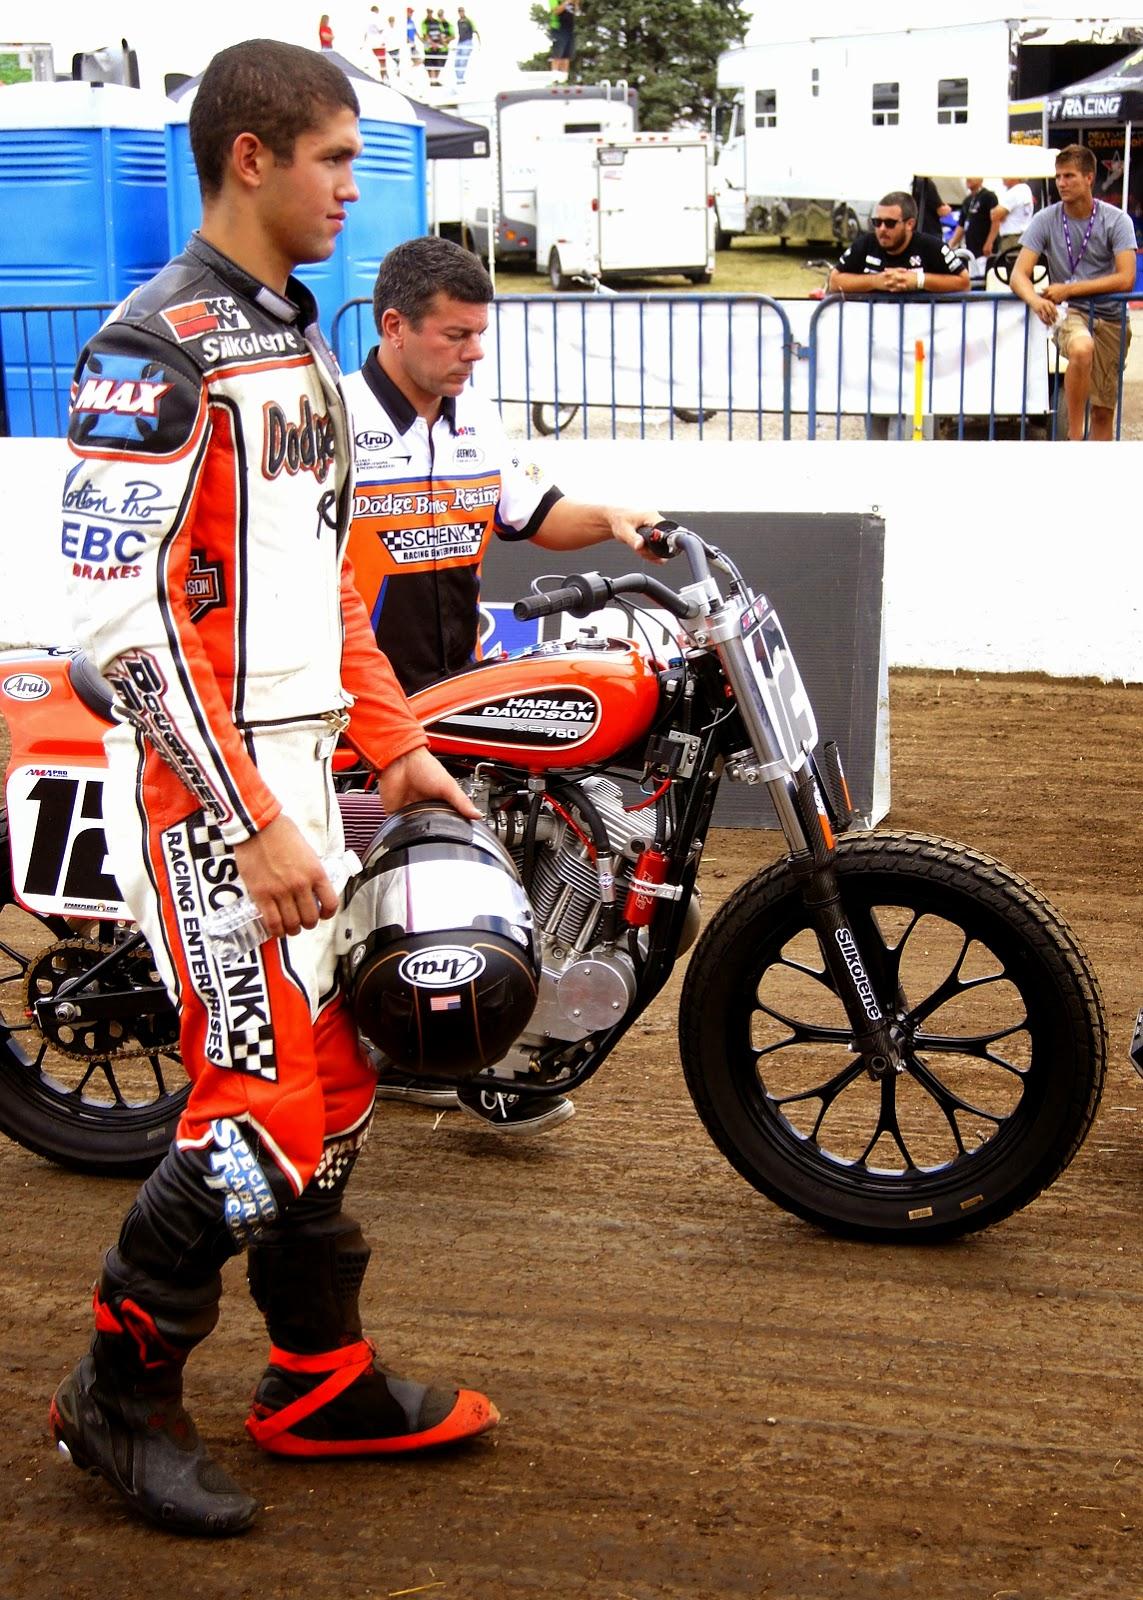 Image result for Motorsports rider Keith Higgins